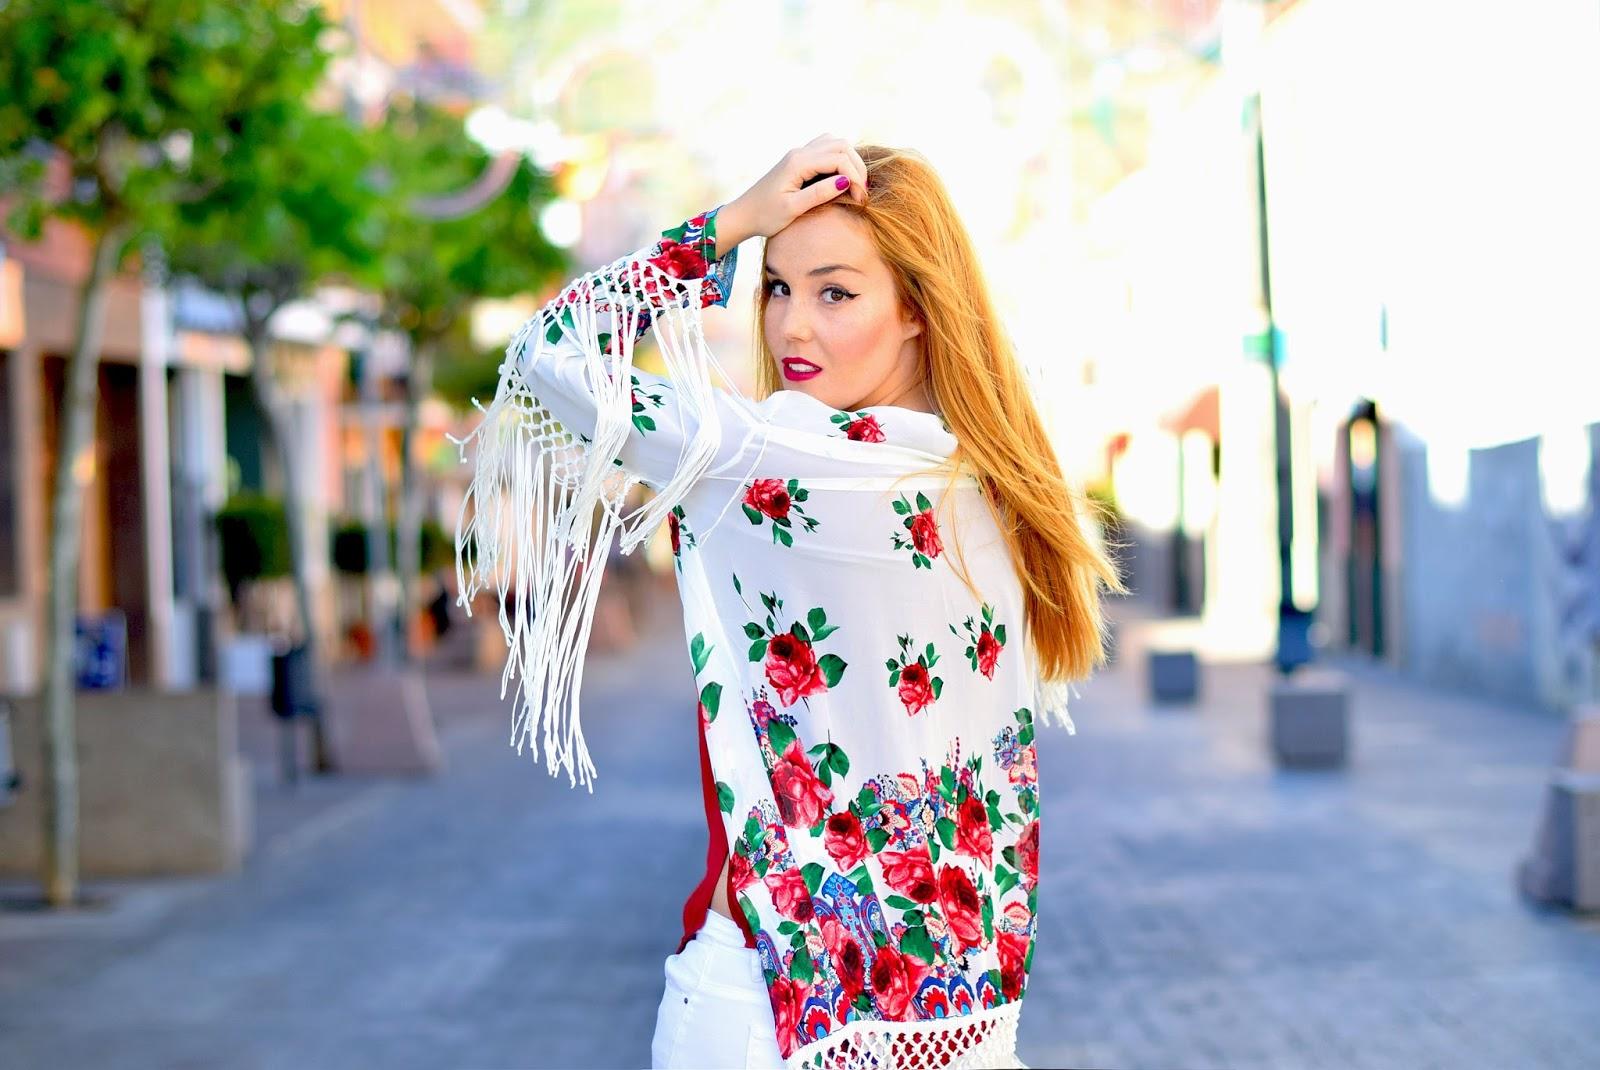 nery hdes, floral print, kimono, yrb fashion, white pants